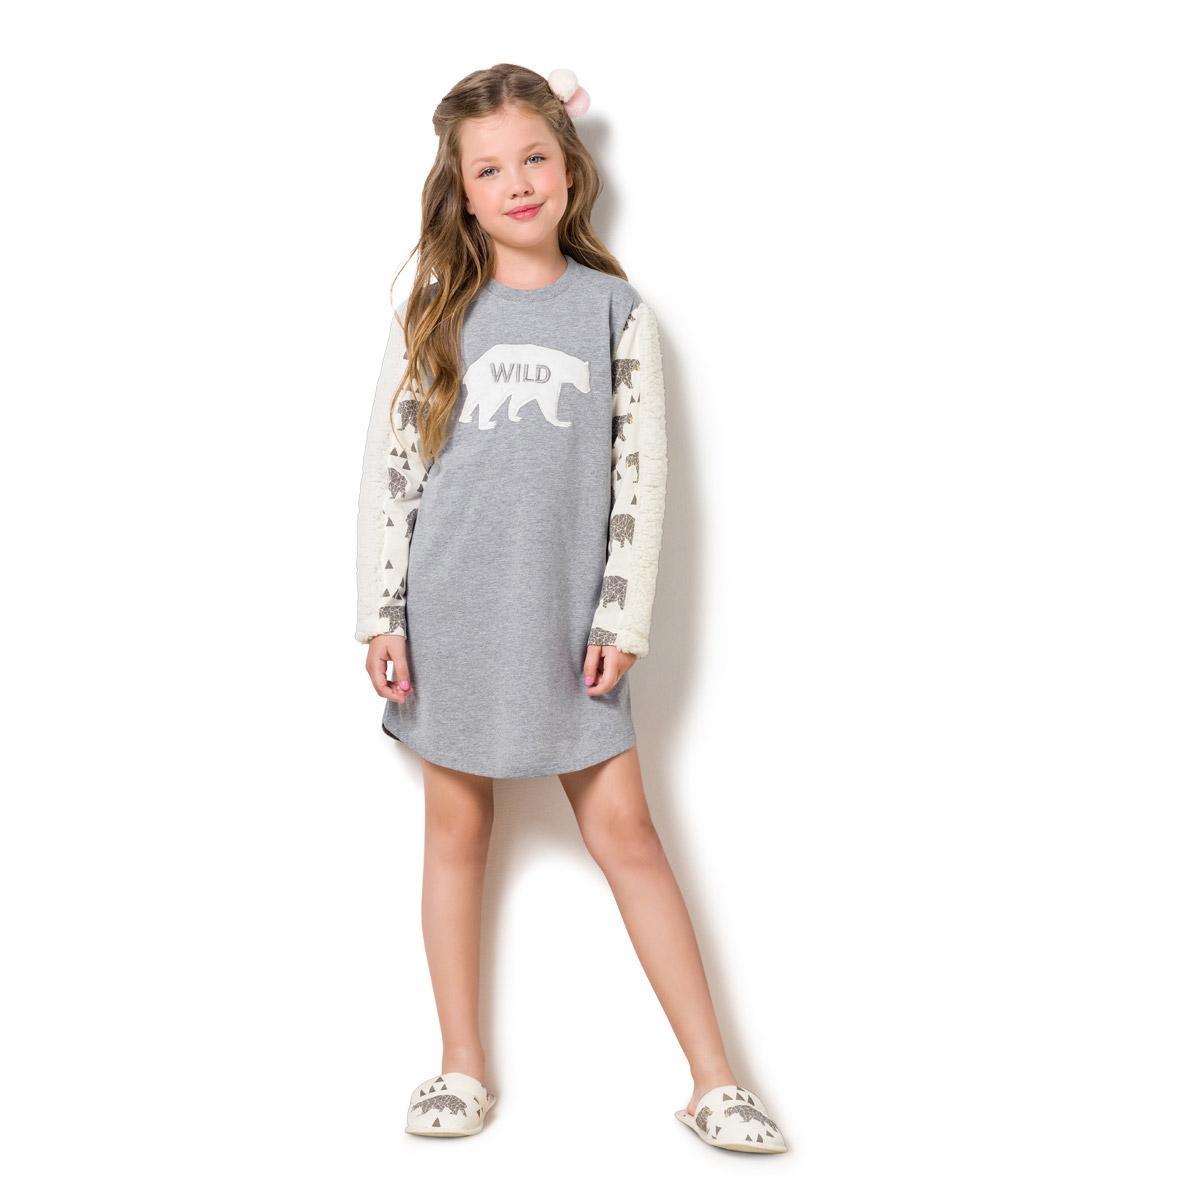 e24fecae18 Camisola manga longa infantil - louvre - Veggi - Pijama Infantil ...